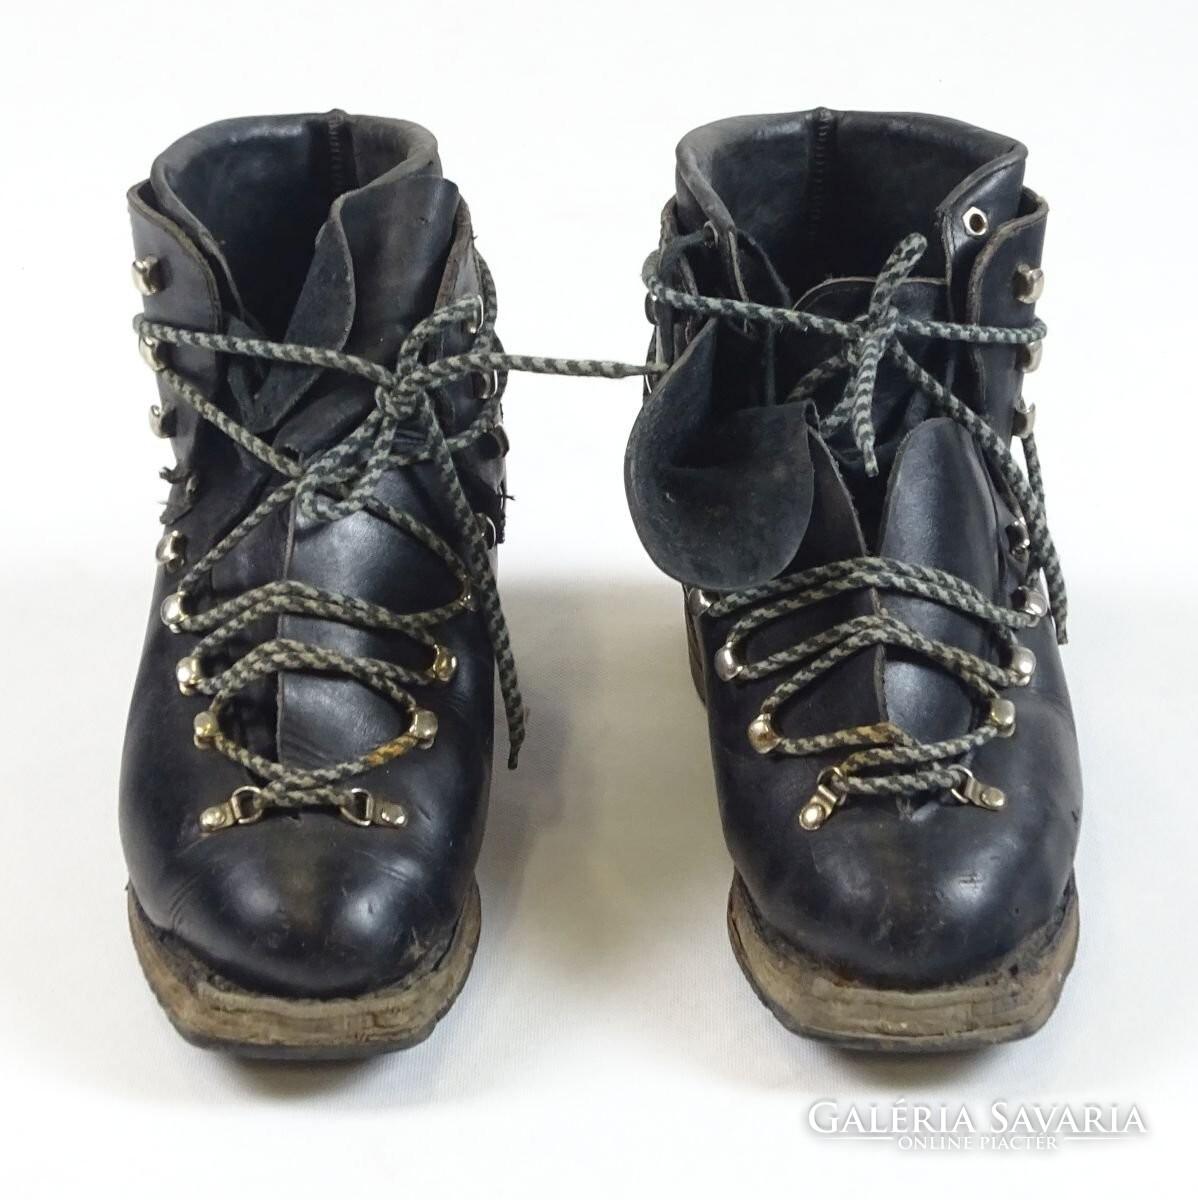 0T496 Régi WAKA felcsatolható bőr sícipő síbakancs - Gardrób ... f1d4f4e33c